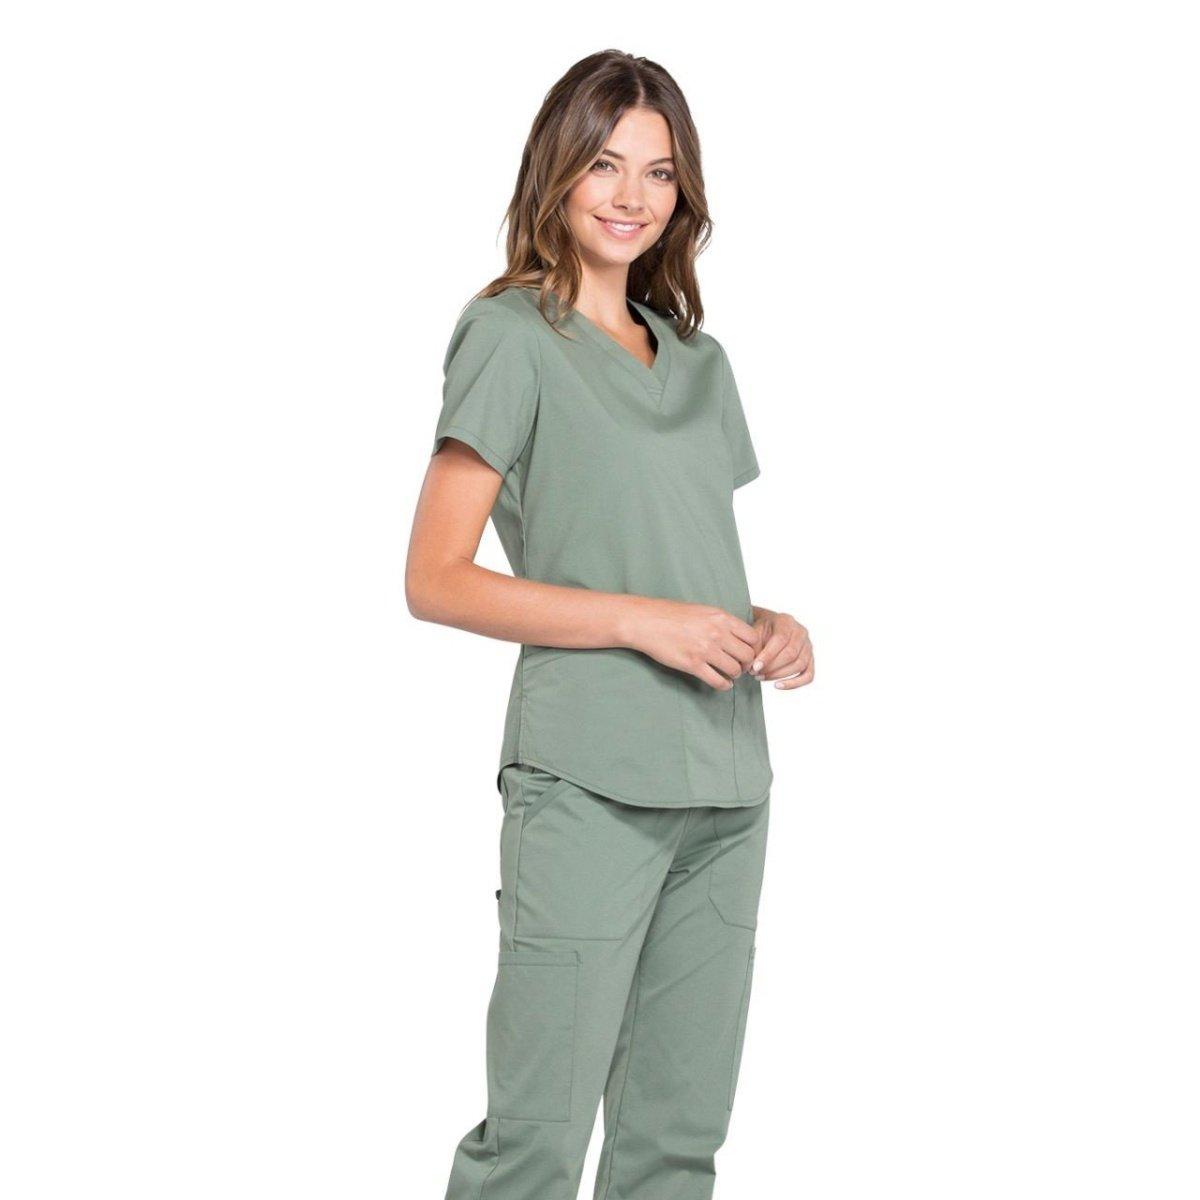 Женский медицинский костюм Professionals цвет оливковый